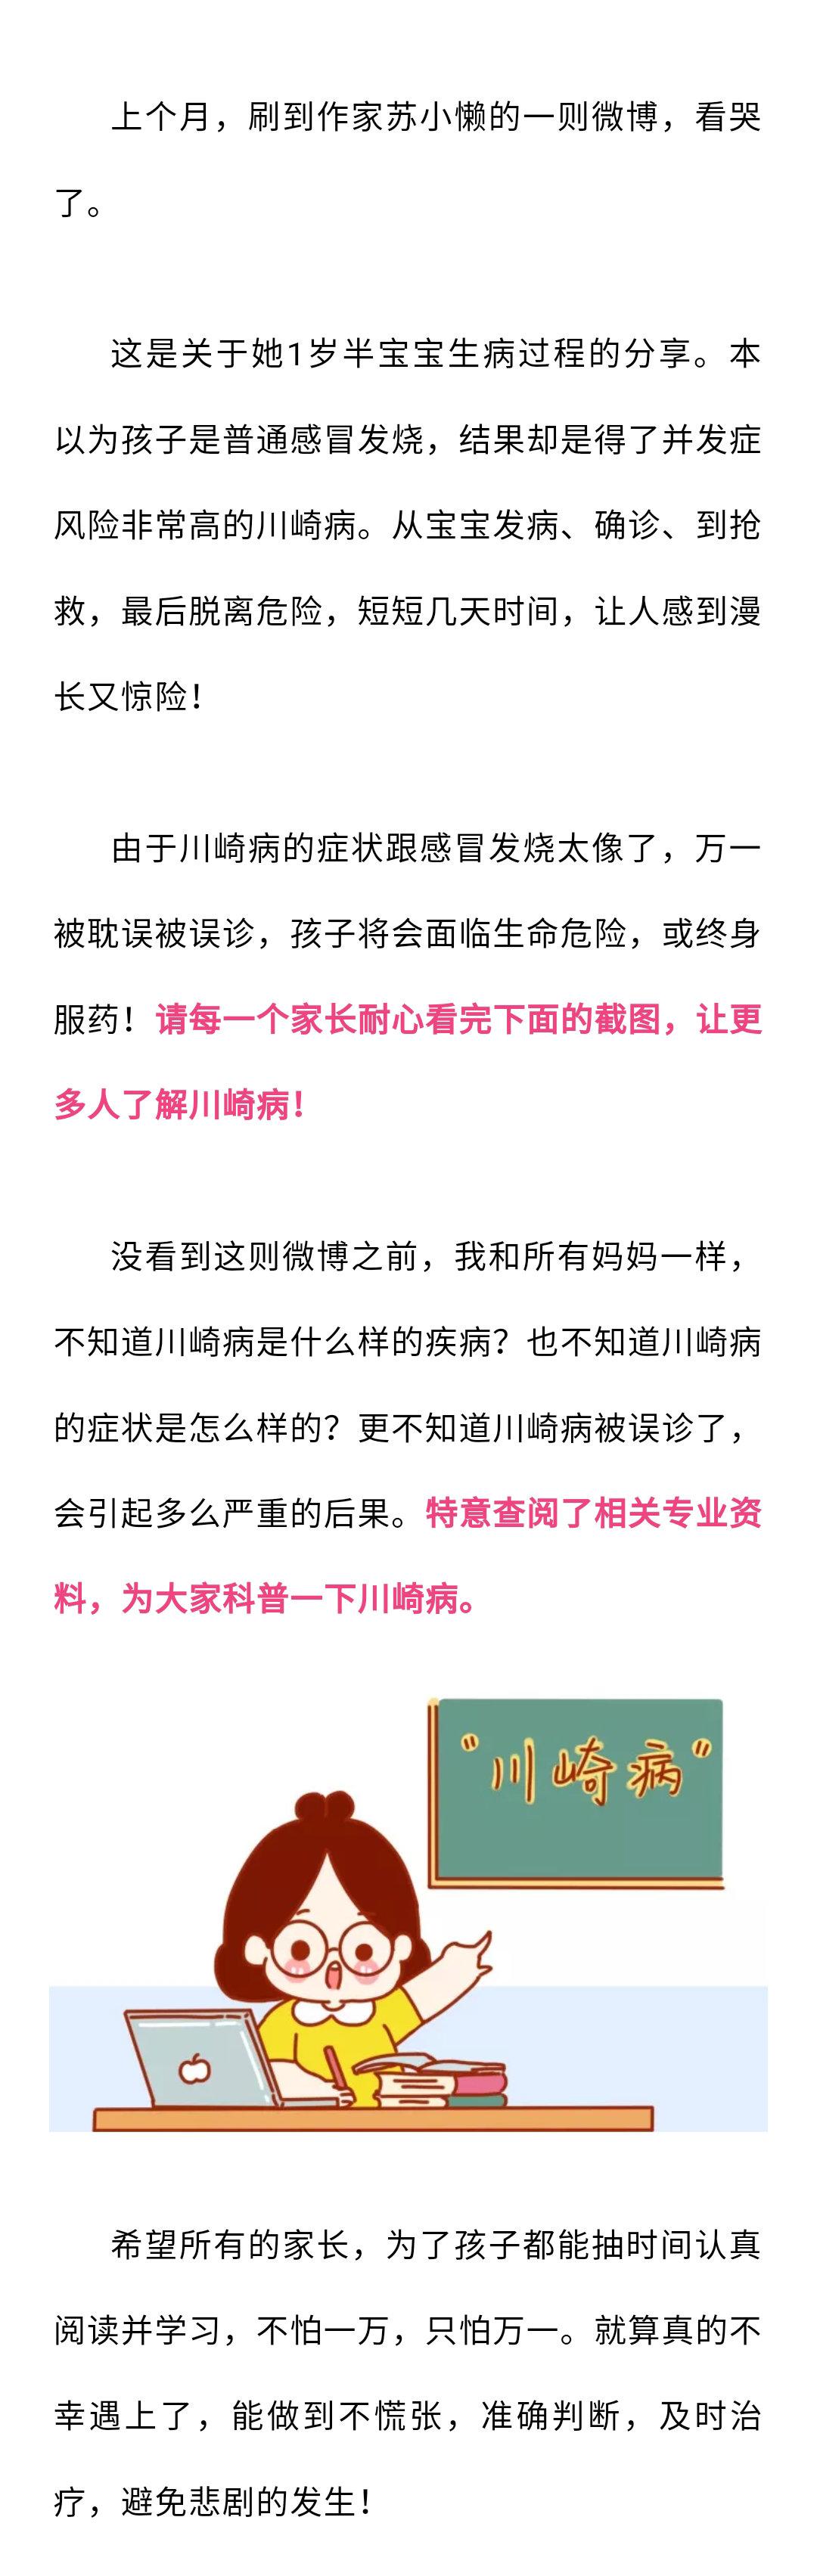 之前,看到@苏小懒 宝宝患上川崎病的经历,特意翻了很多资料